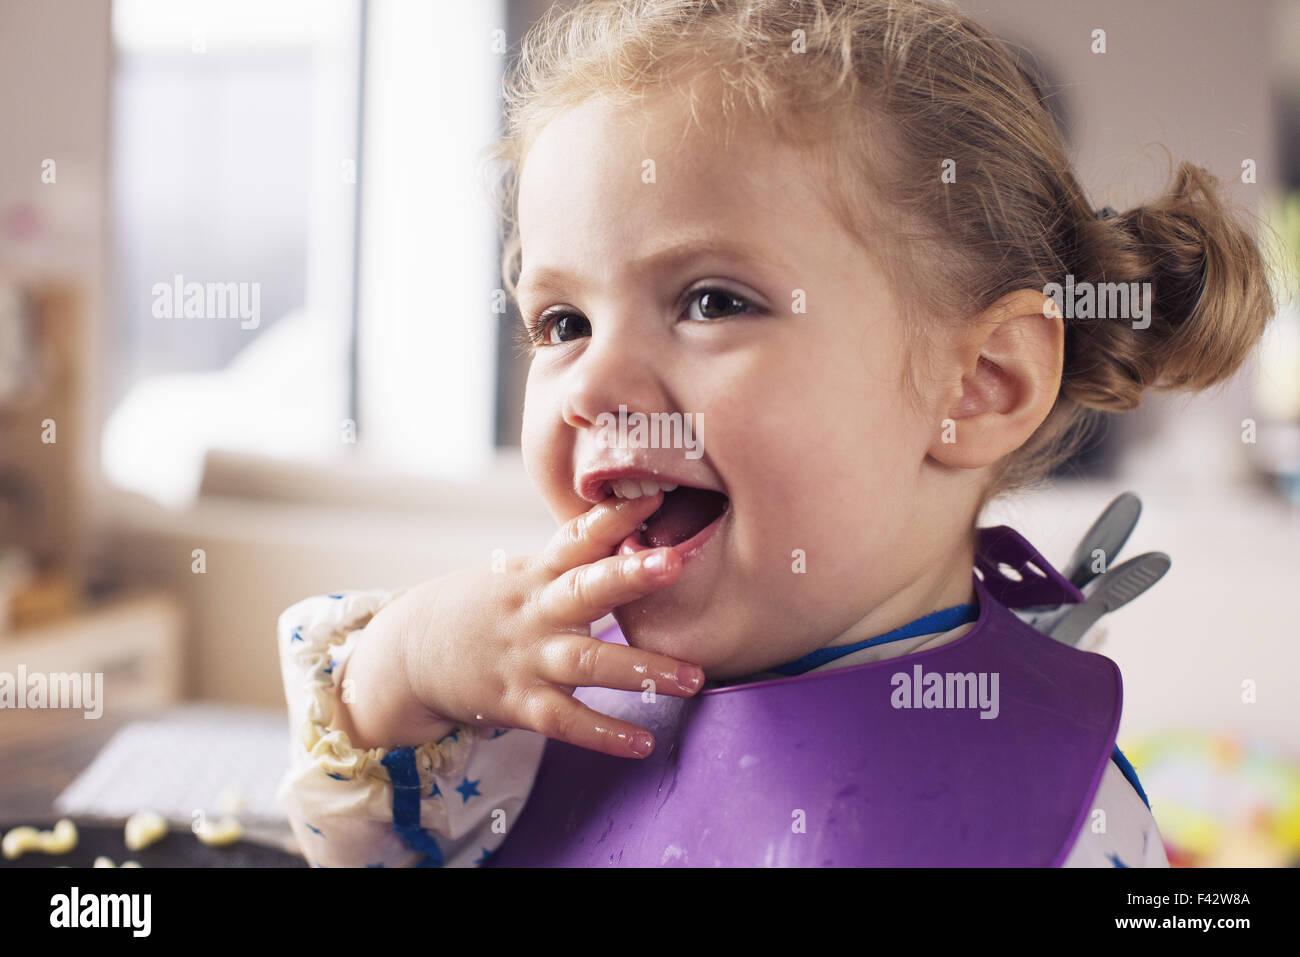 Bambina con le dita in bocca Immagini Stock